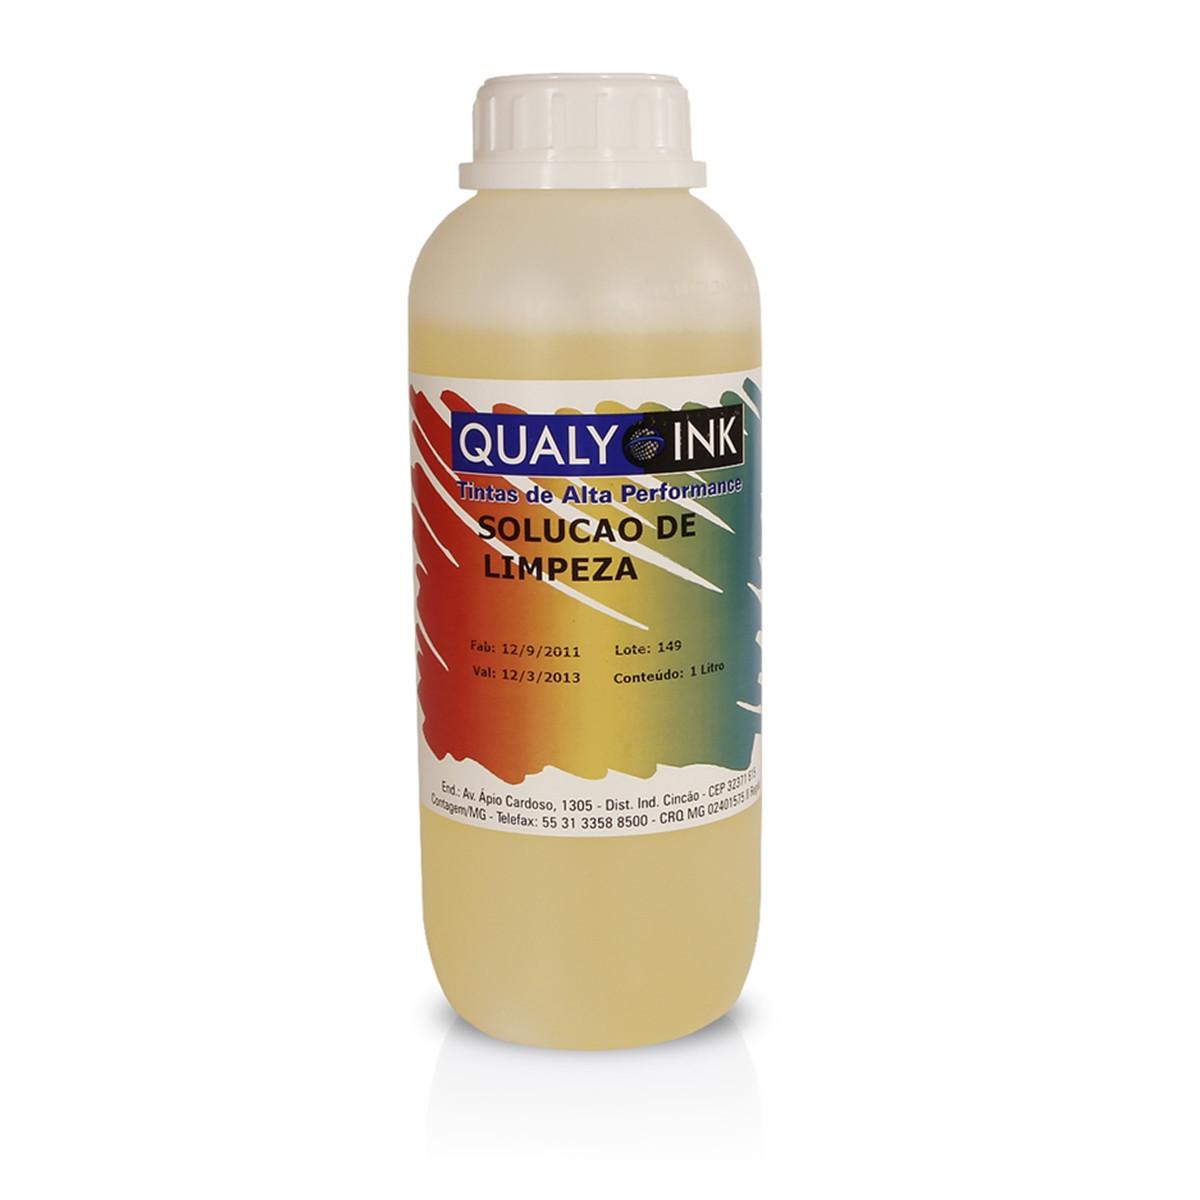 Solução de Limpeza Diluída | 1 Litro | Qualy Ink